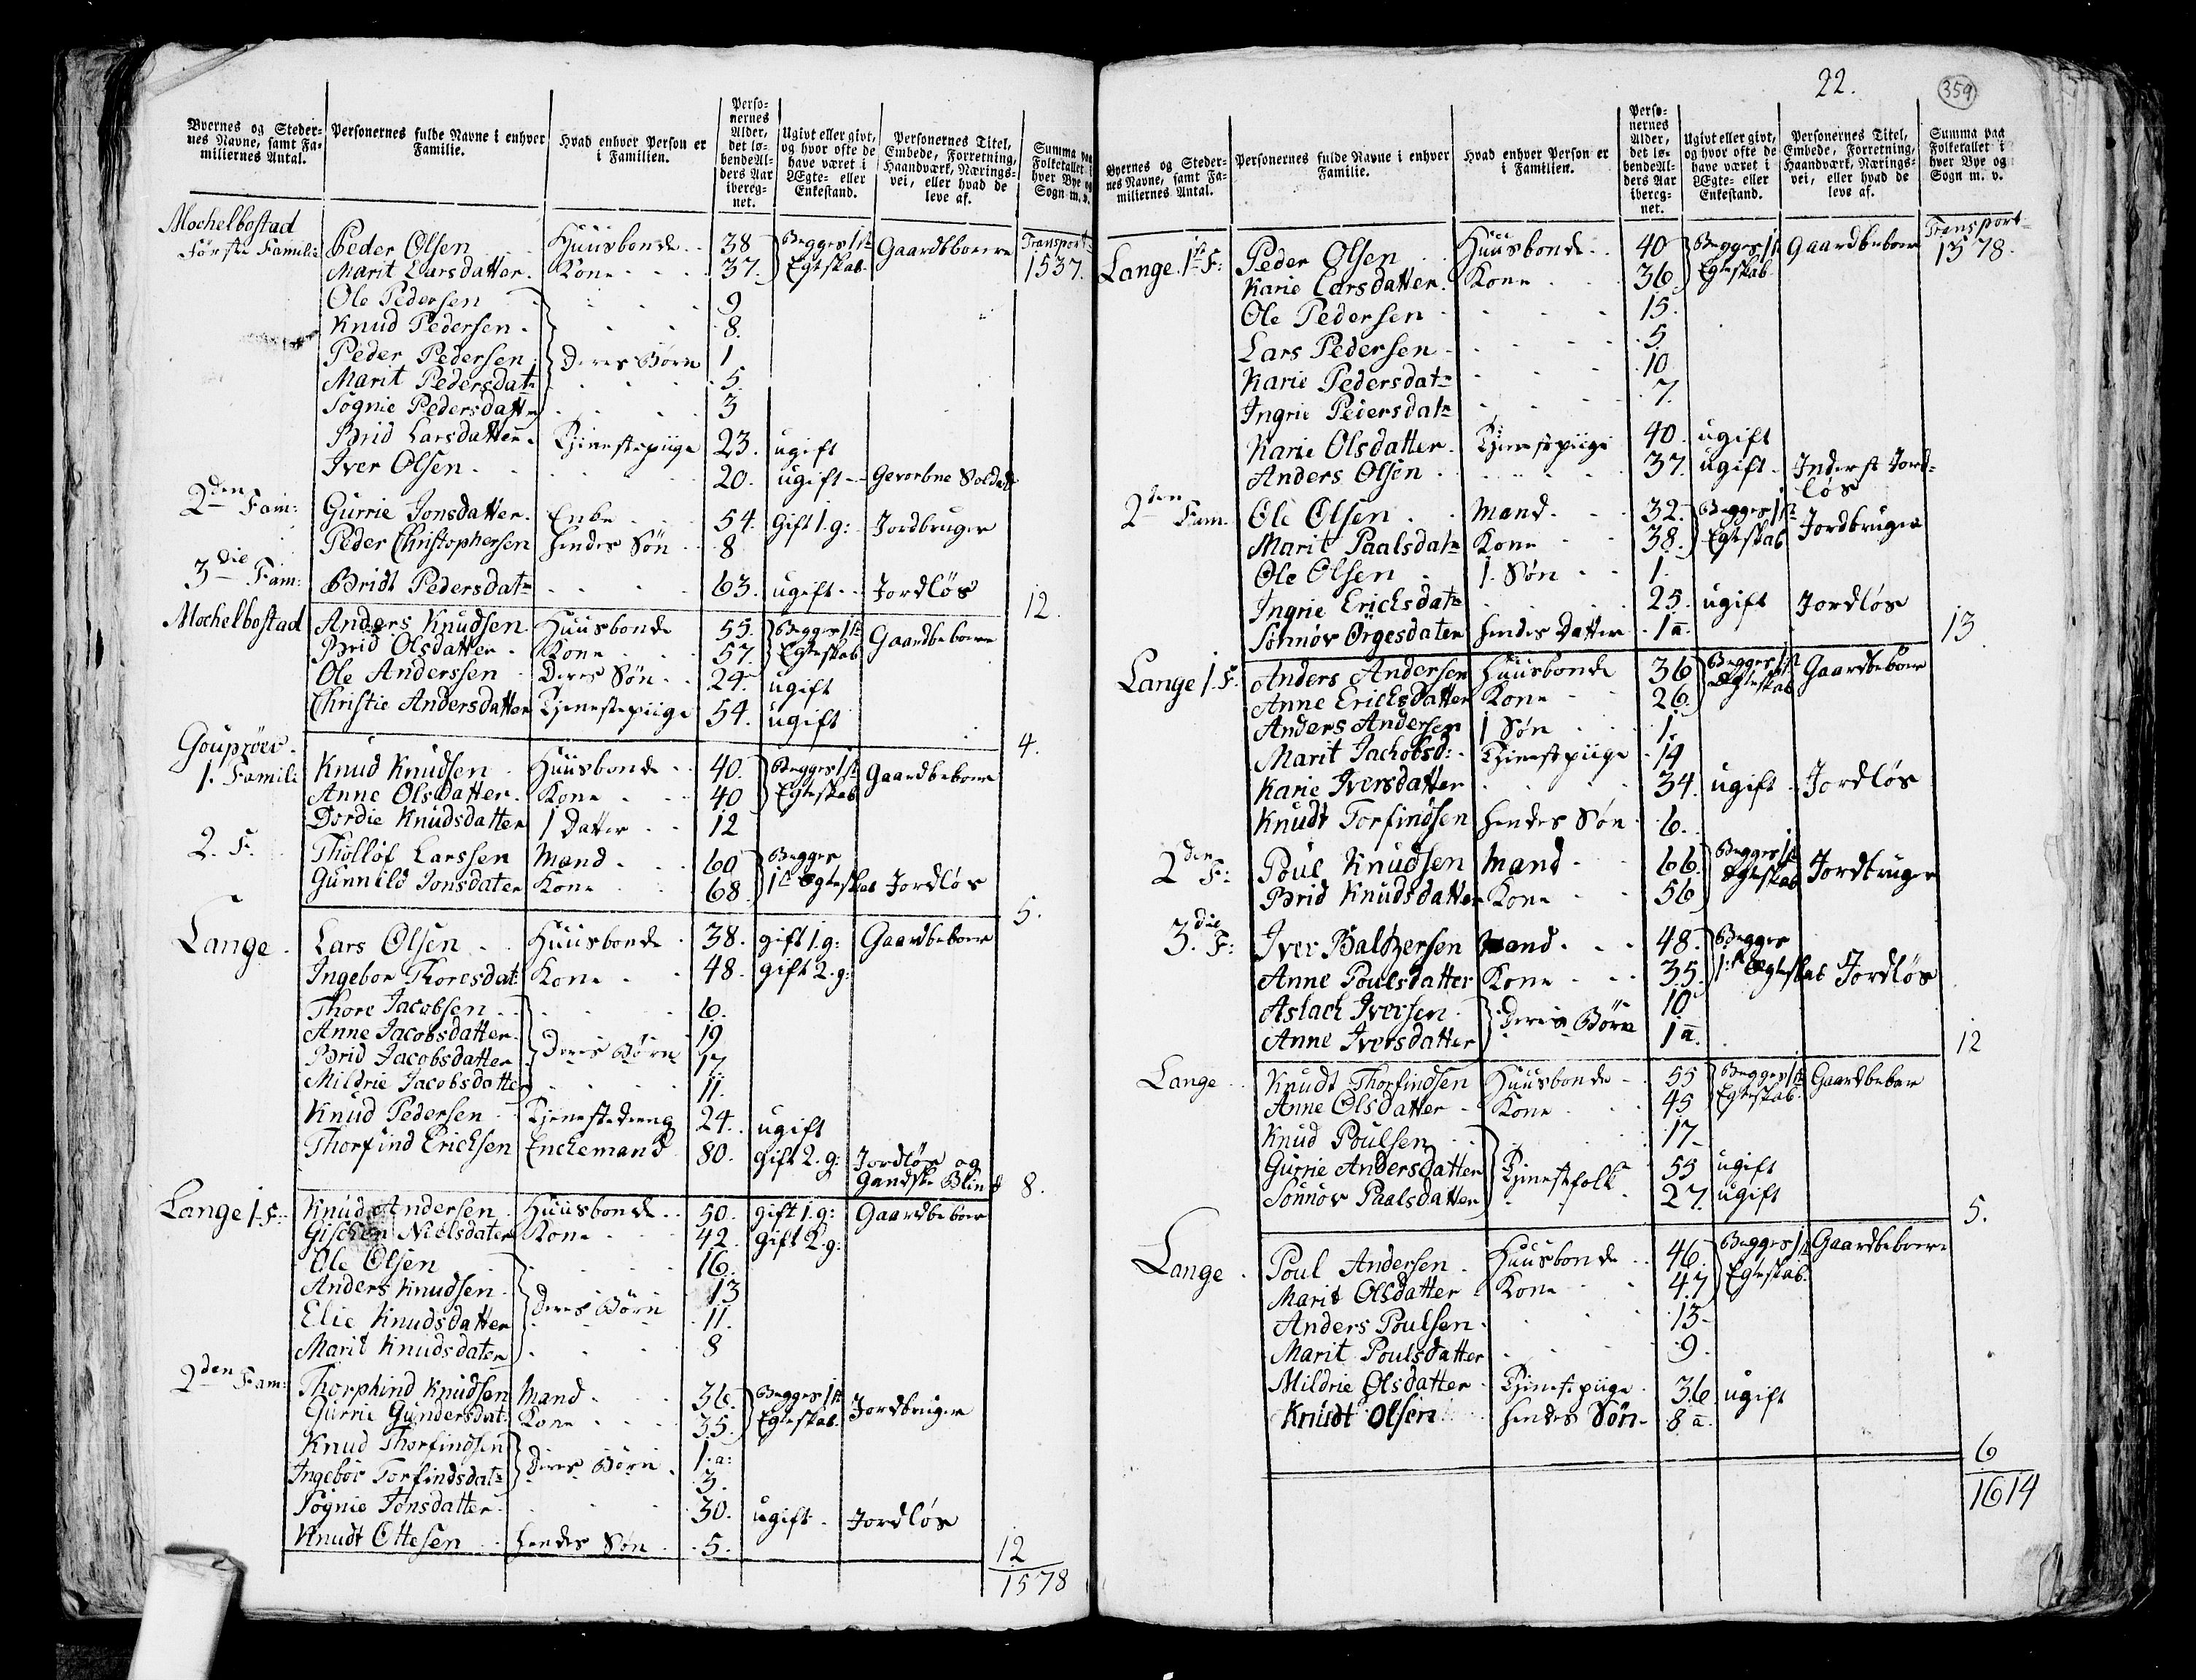 RA, Folketelling 1801 for 1543P Nesset prestegjeld, 1801, s. 358b-359a